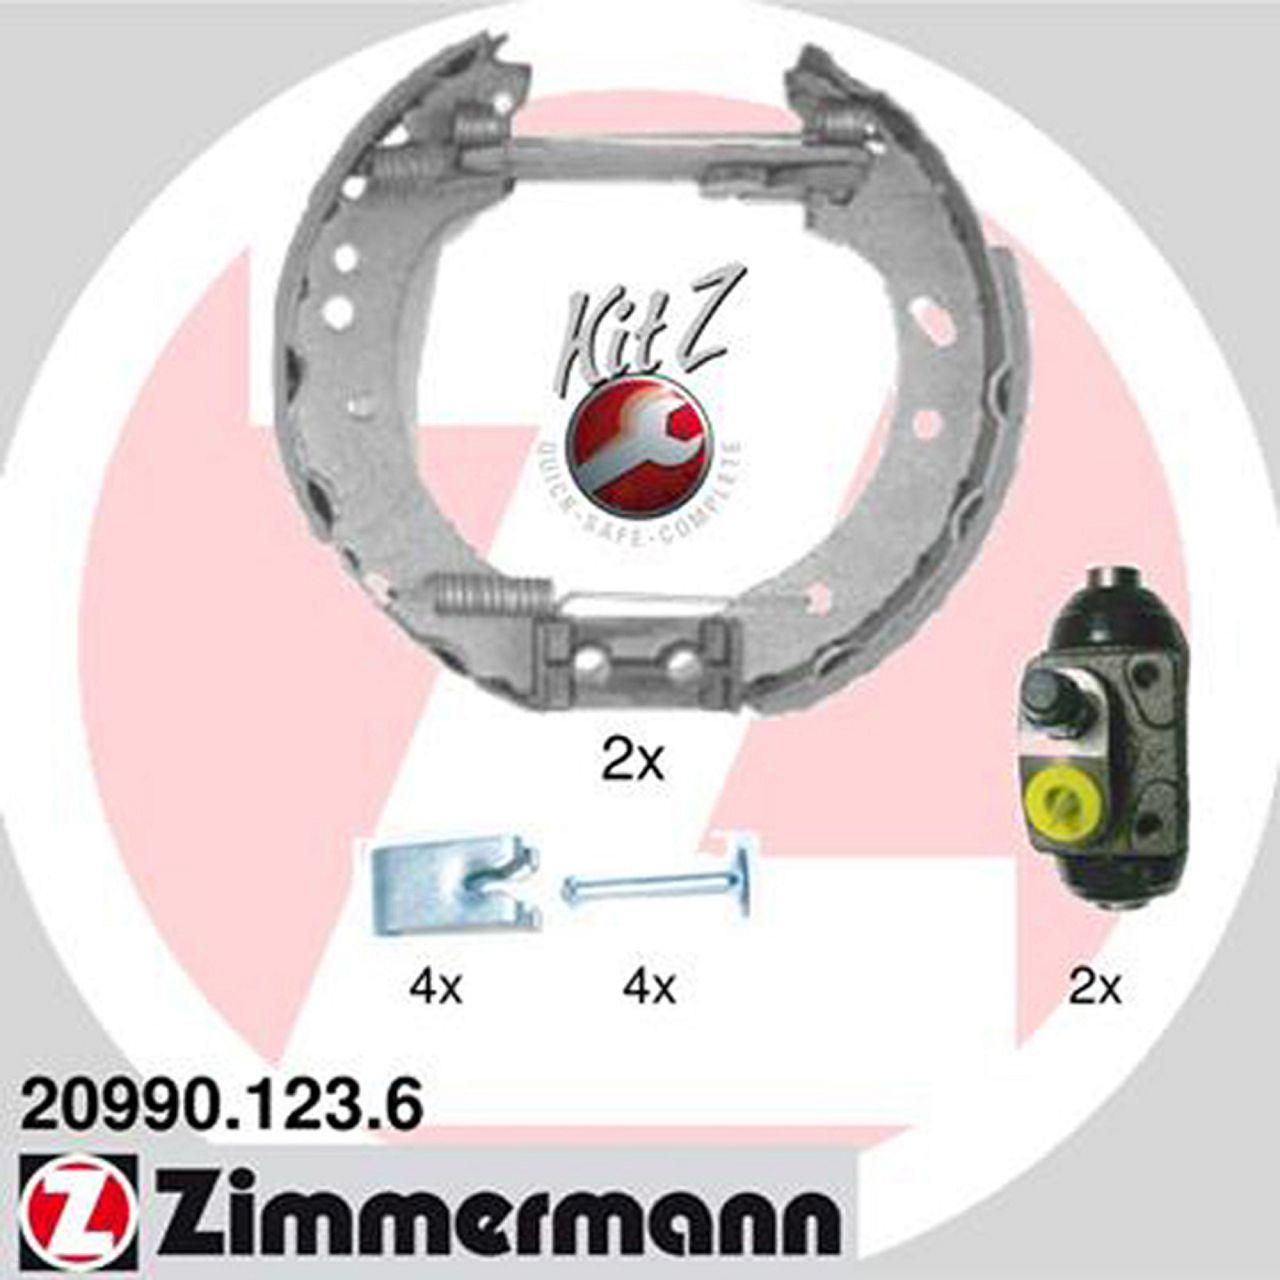 ZIMMERMANN Bremsbacken + Radbremszylinder für Ford Courier Escort Fiesta Kasten